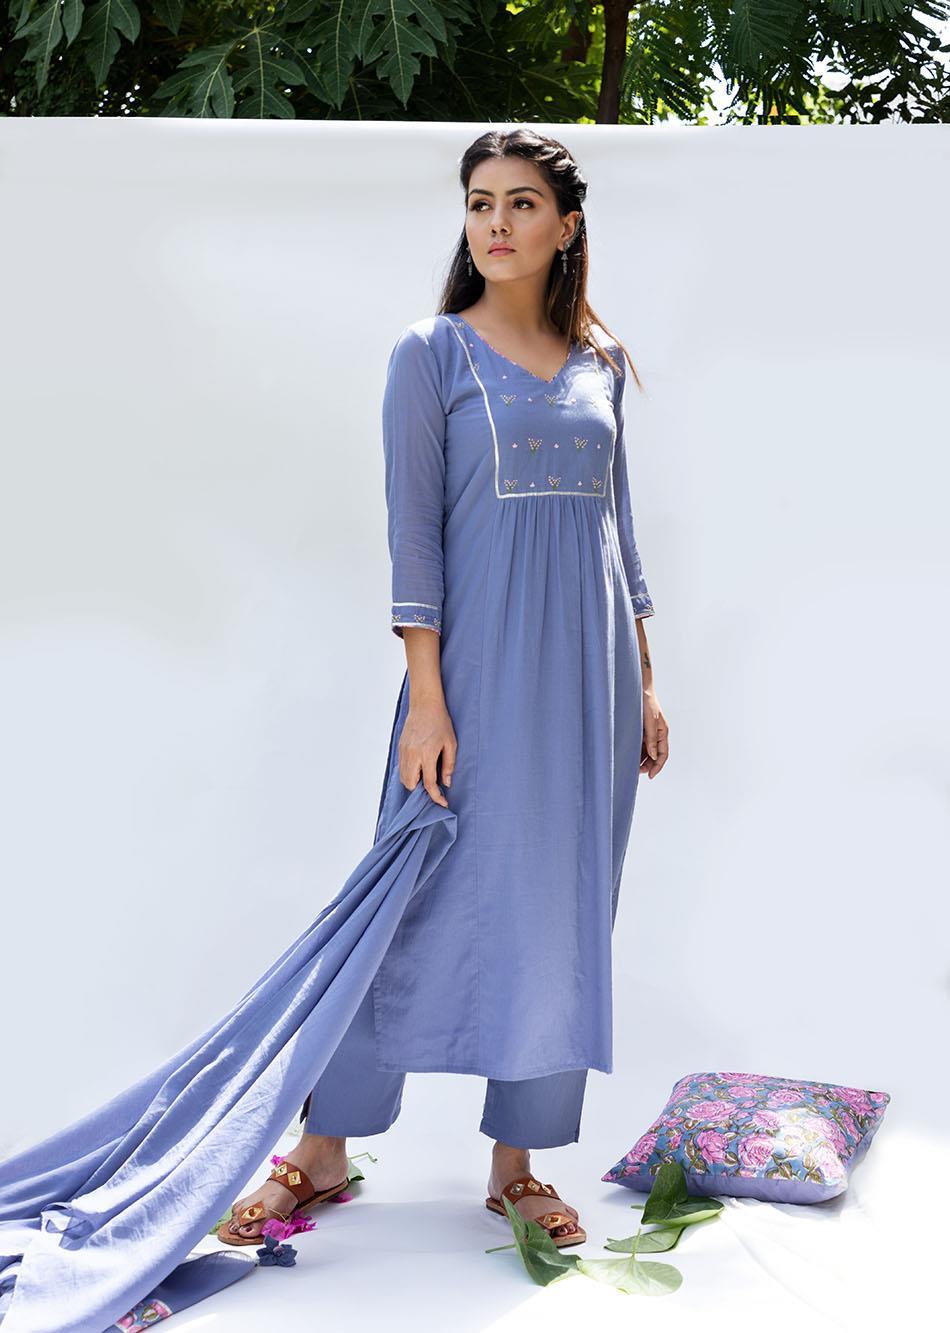 Baiguni straight kurta and pant set(set of 3) By Jovi Fashion